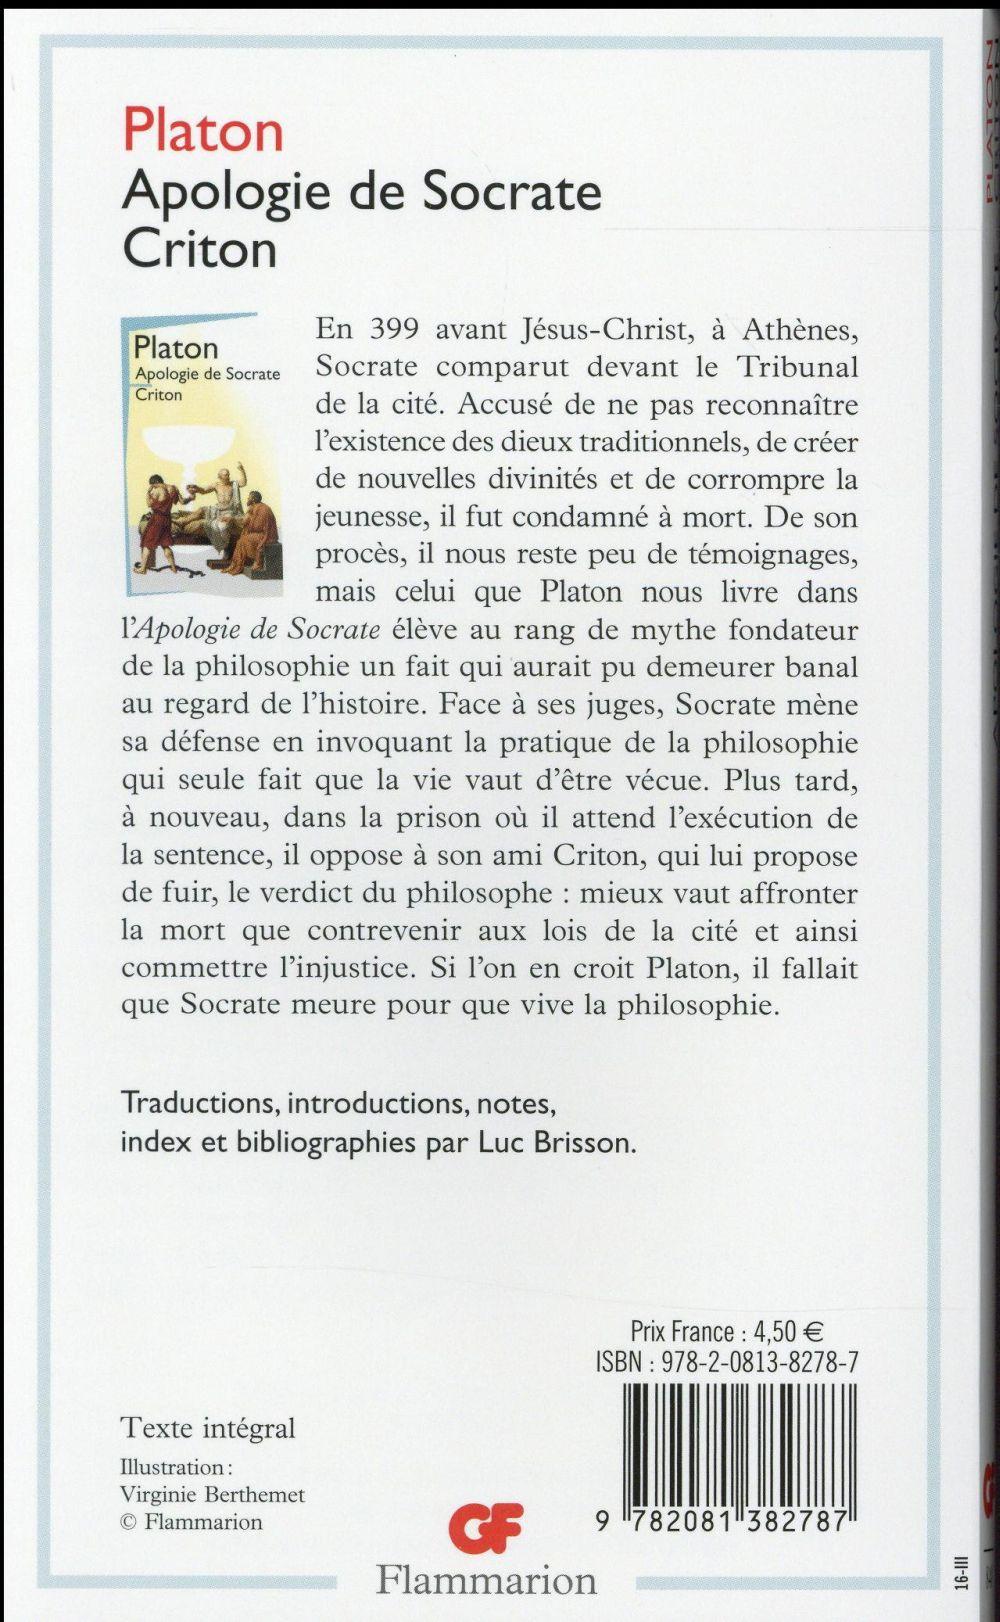 Apologie de Socrate-criton